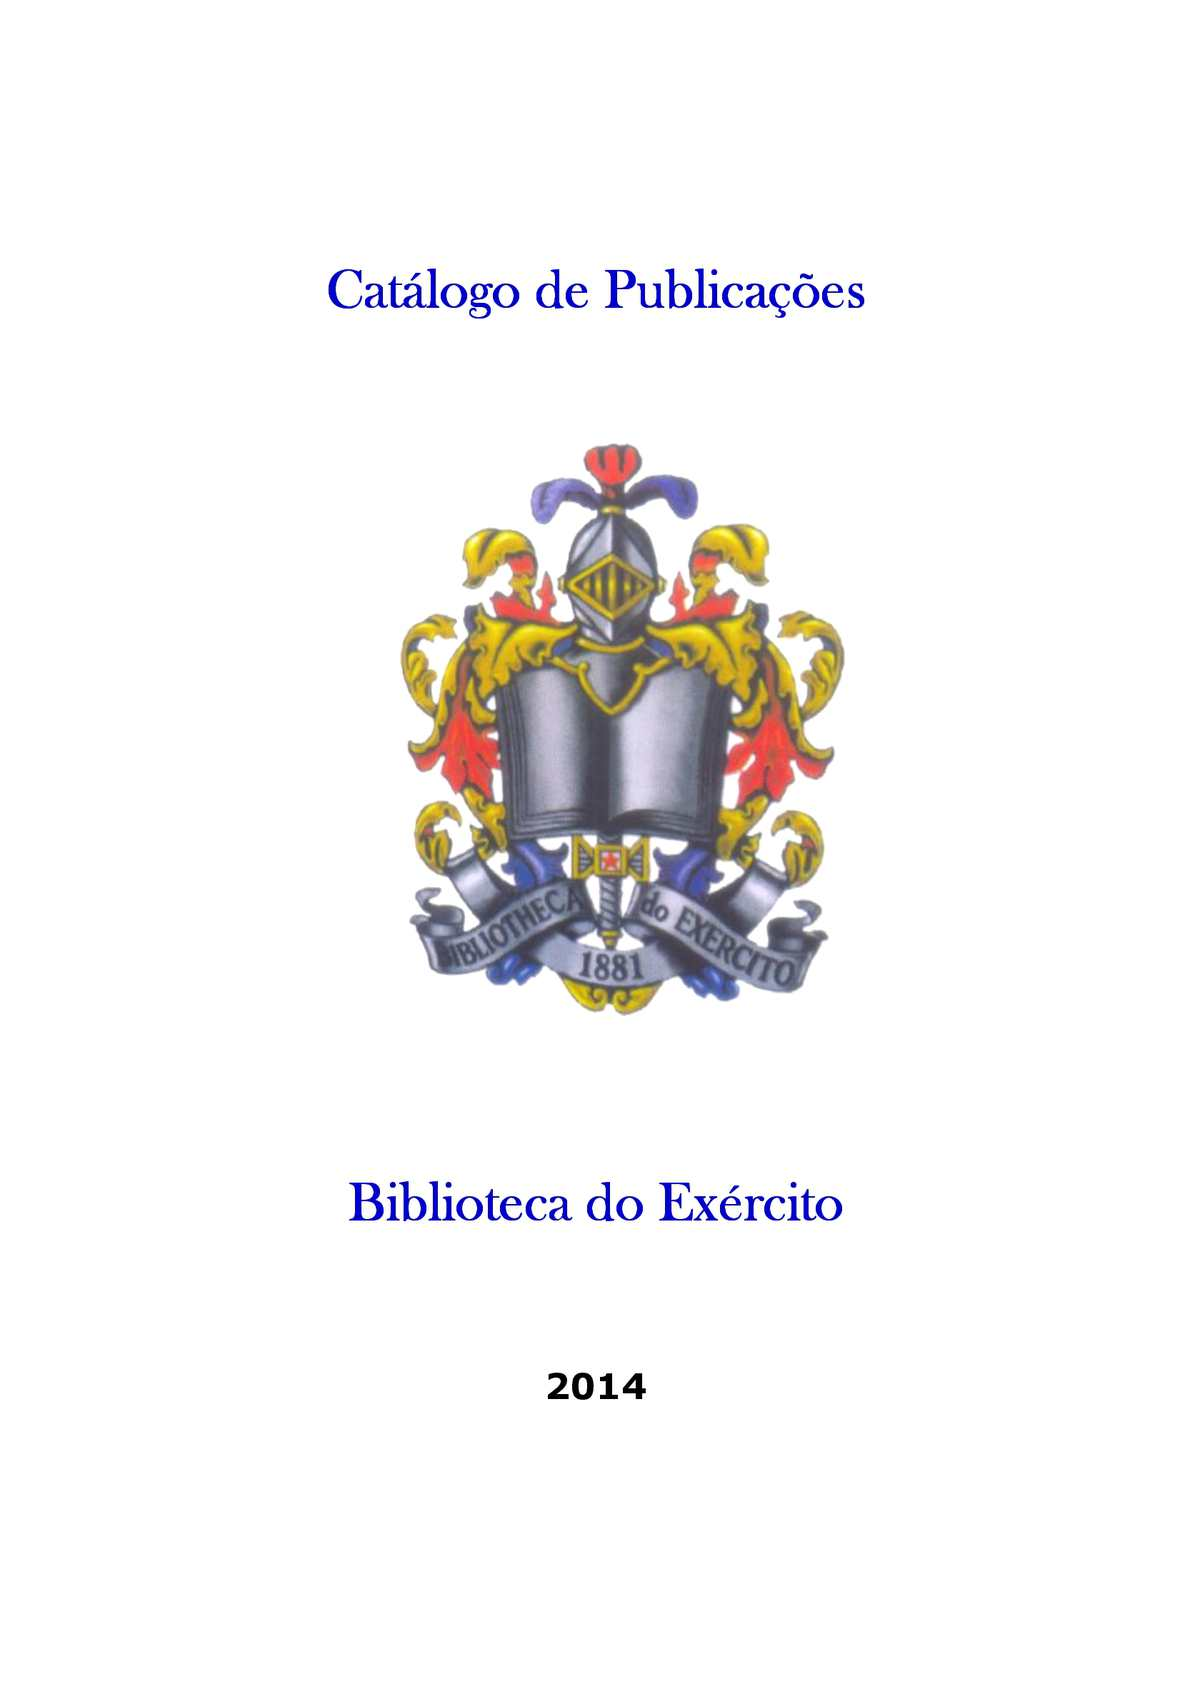 Catálogo de Livros da Biblioteca do Exército - BIBLIEX